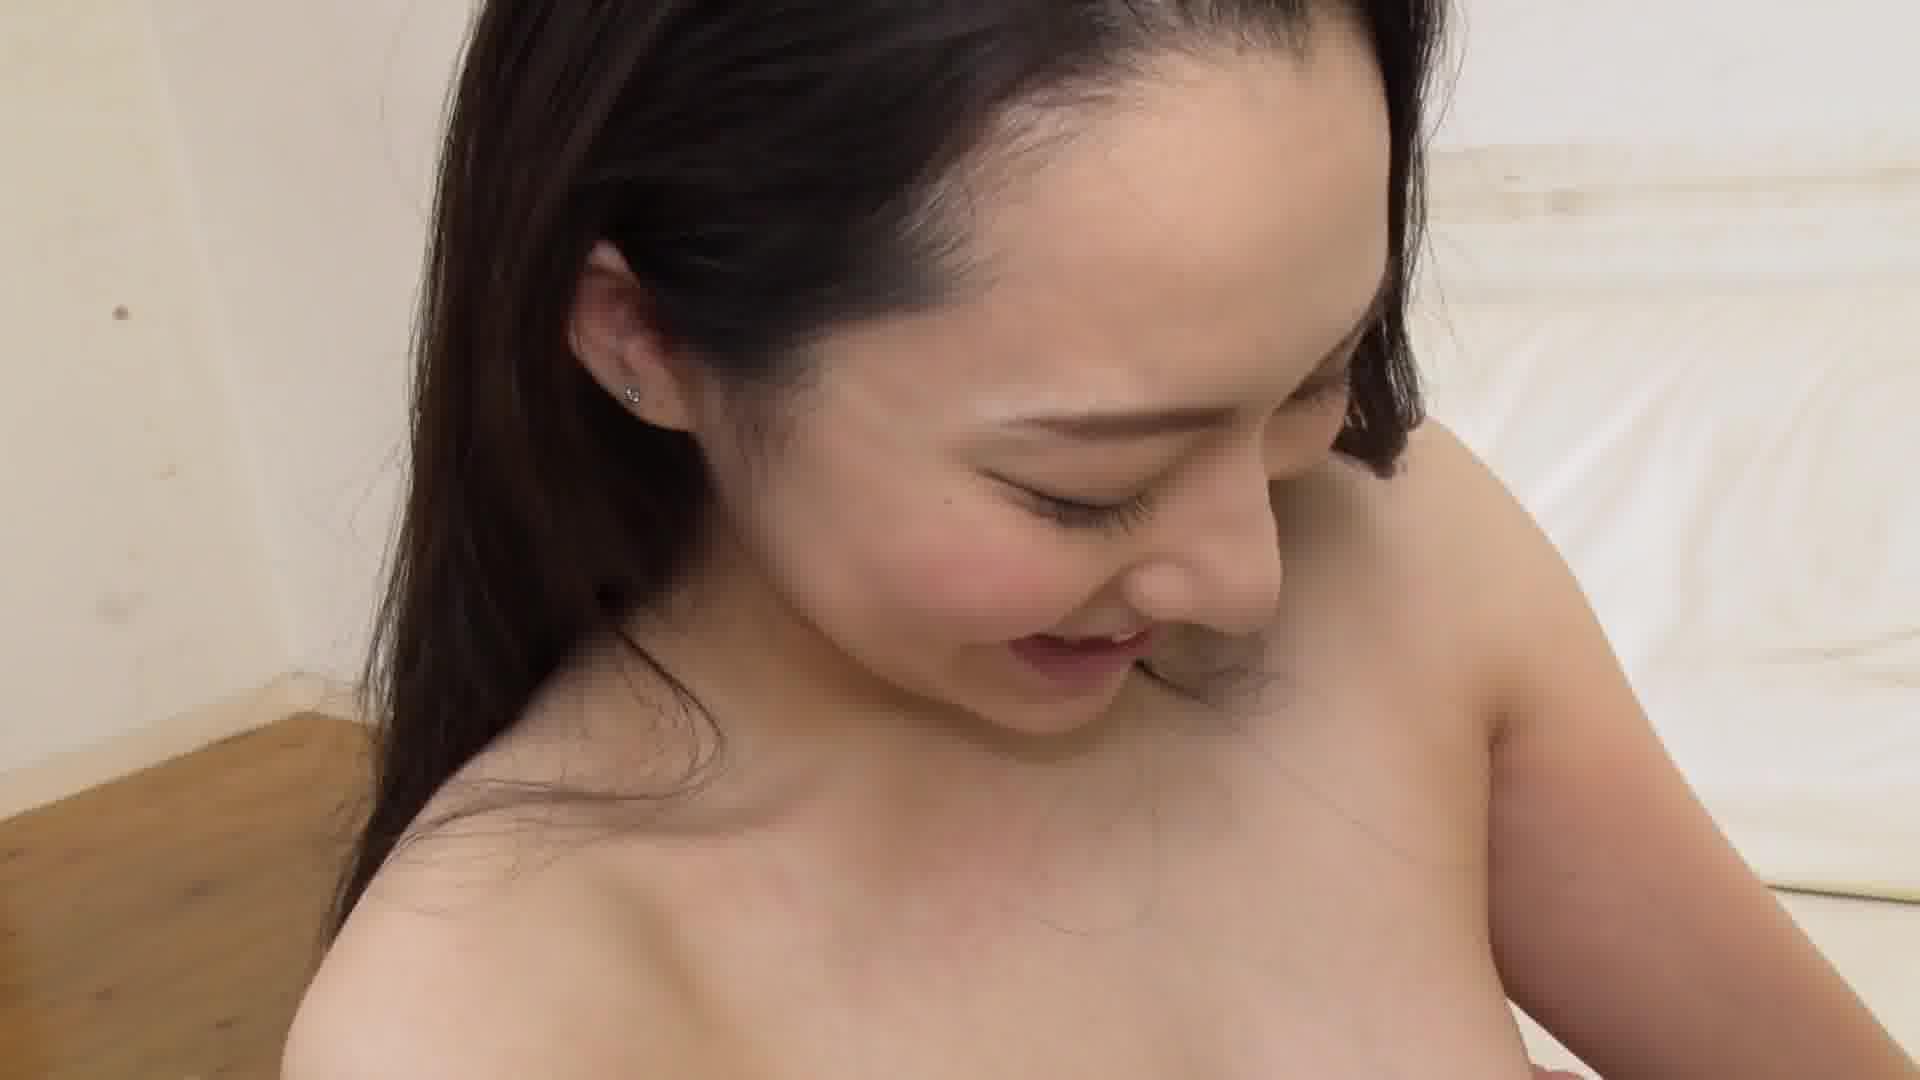 女優の方から手当たり次第に襲いかかる中出しセックス - 吉岡蓮美【痴女・パイパン・中出し】